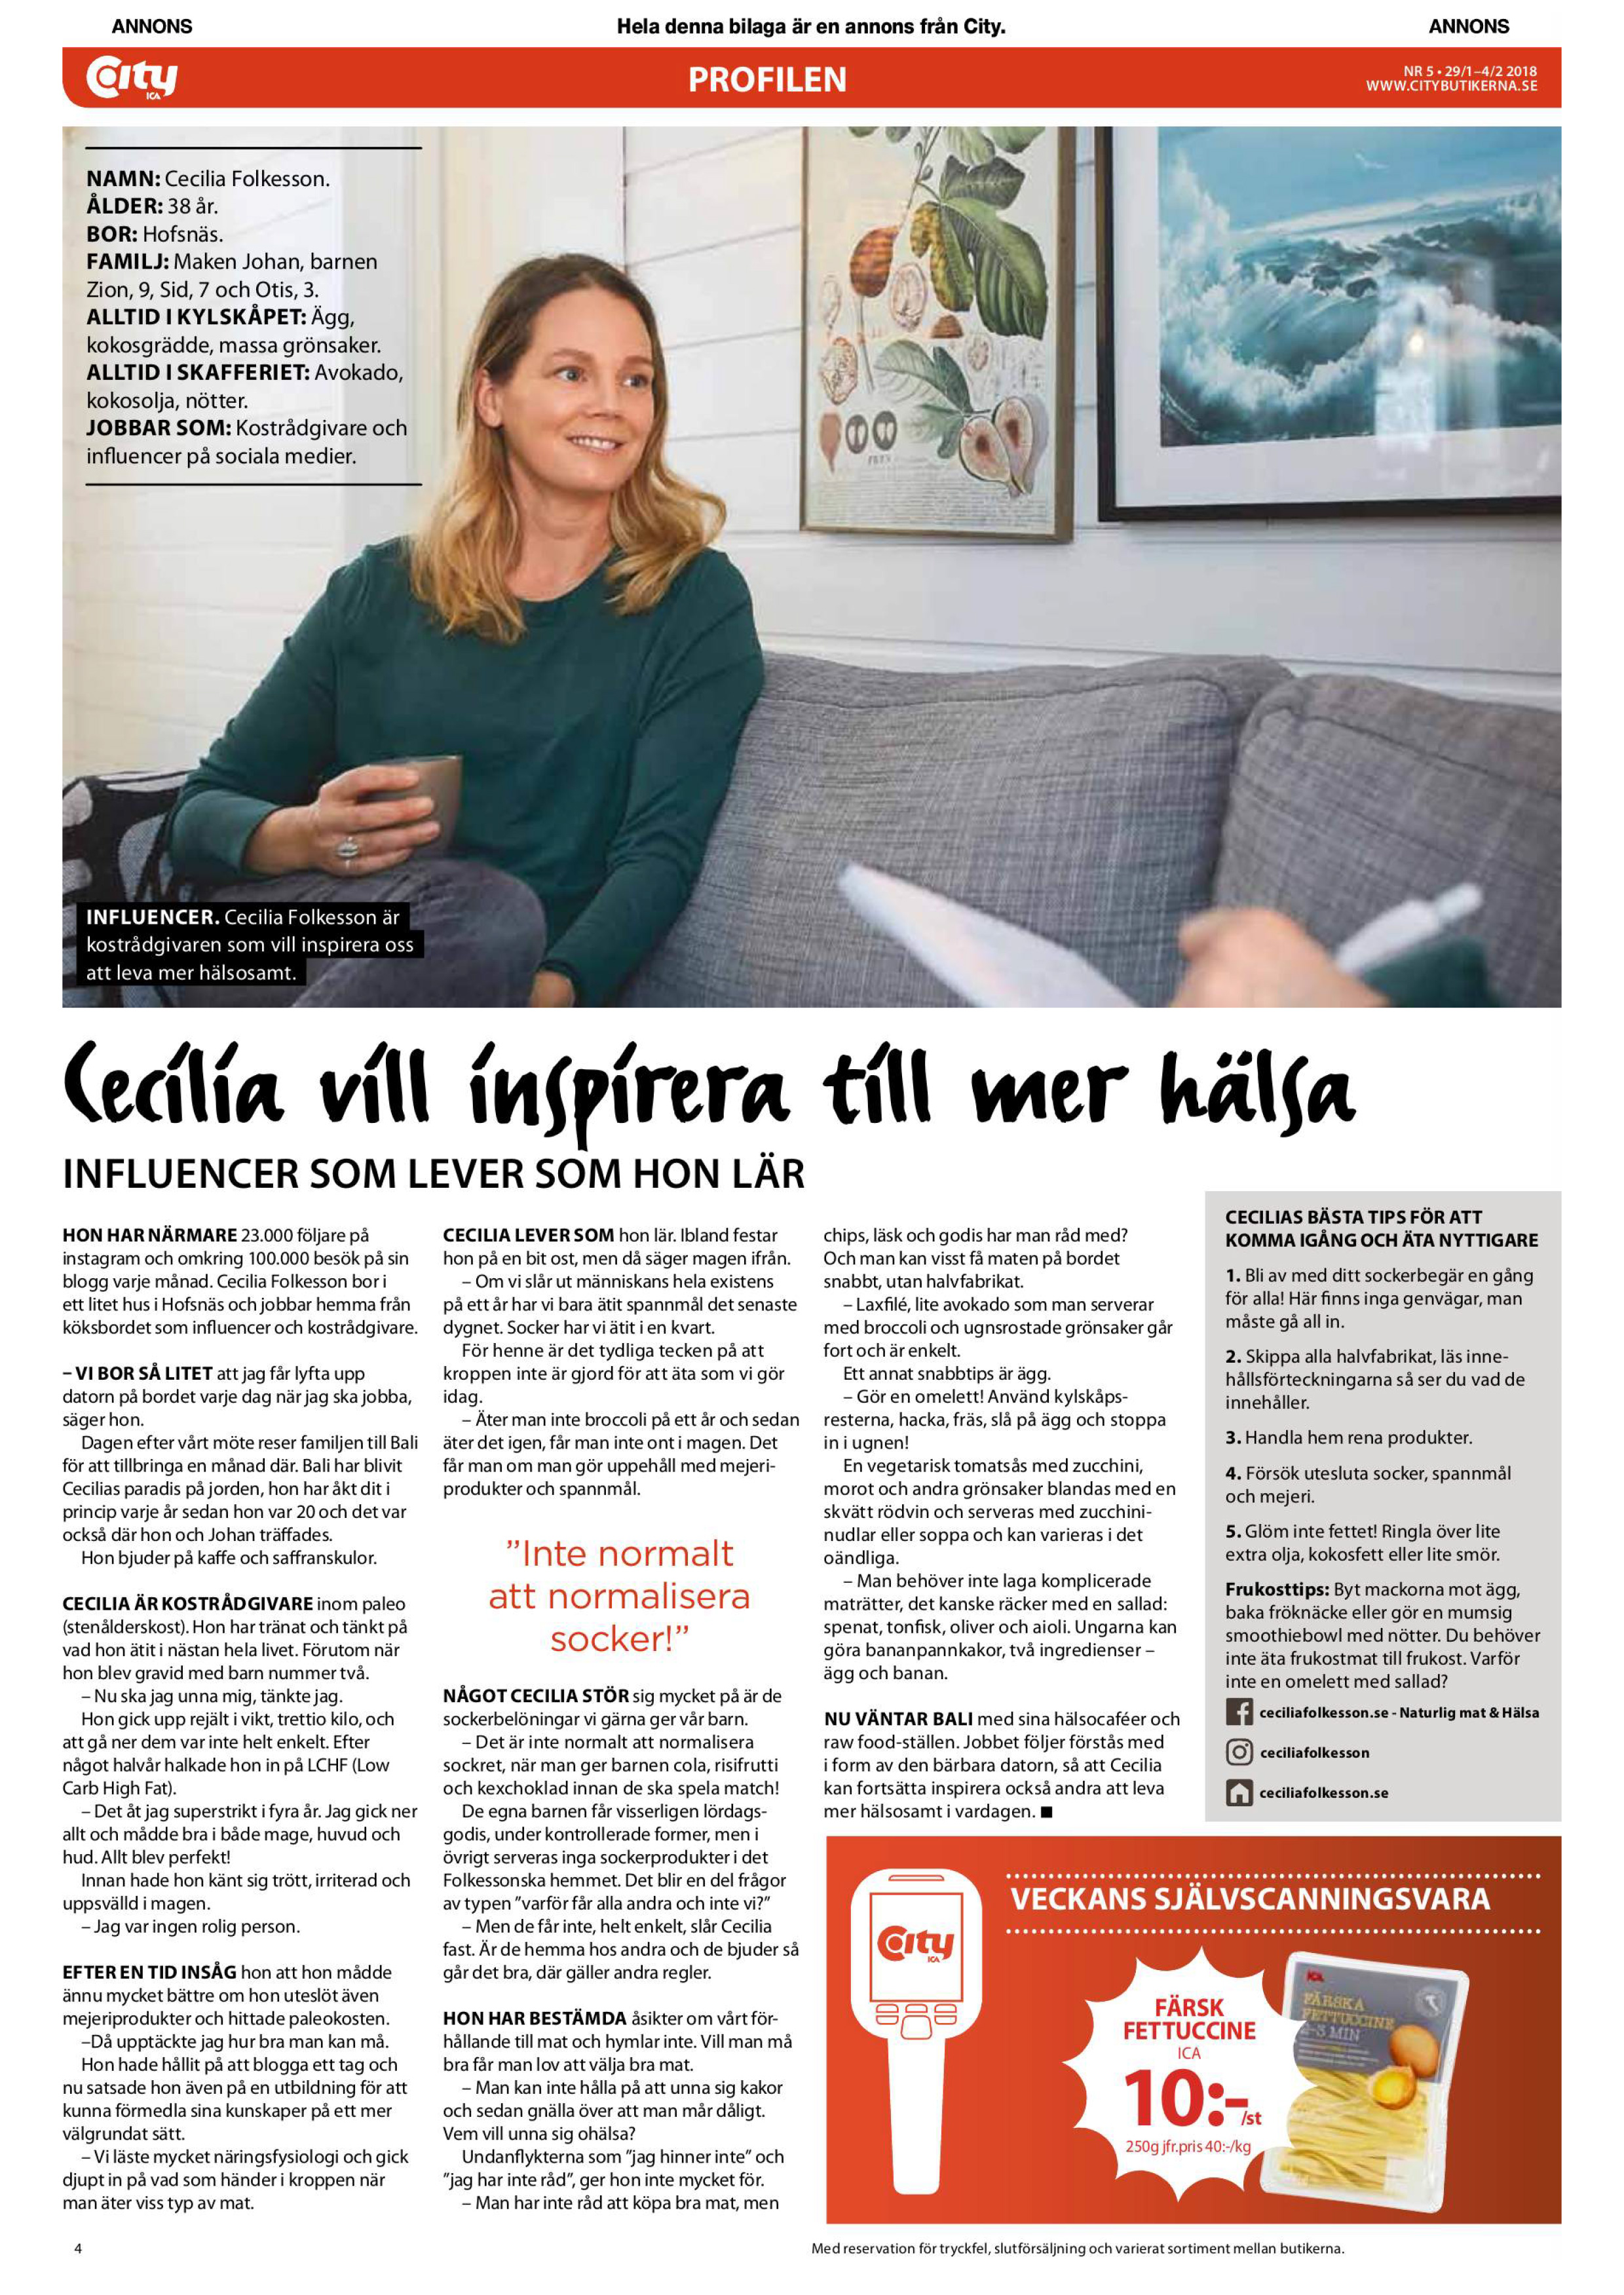 ICA City tidning cecilia folkesson